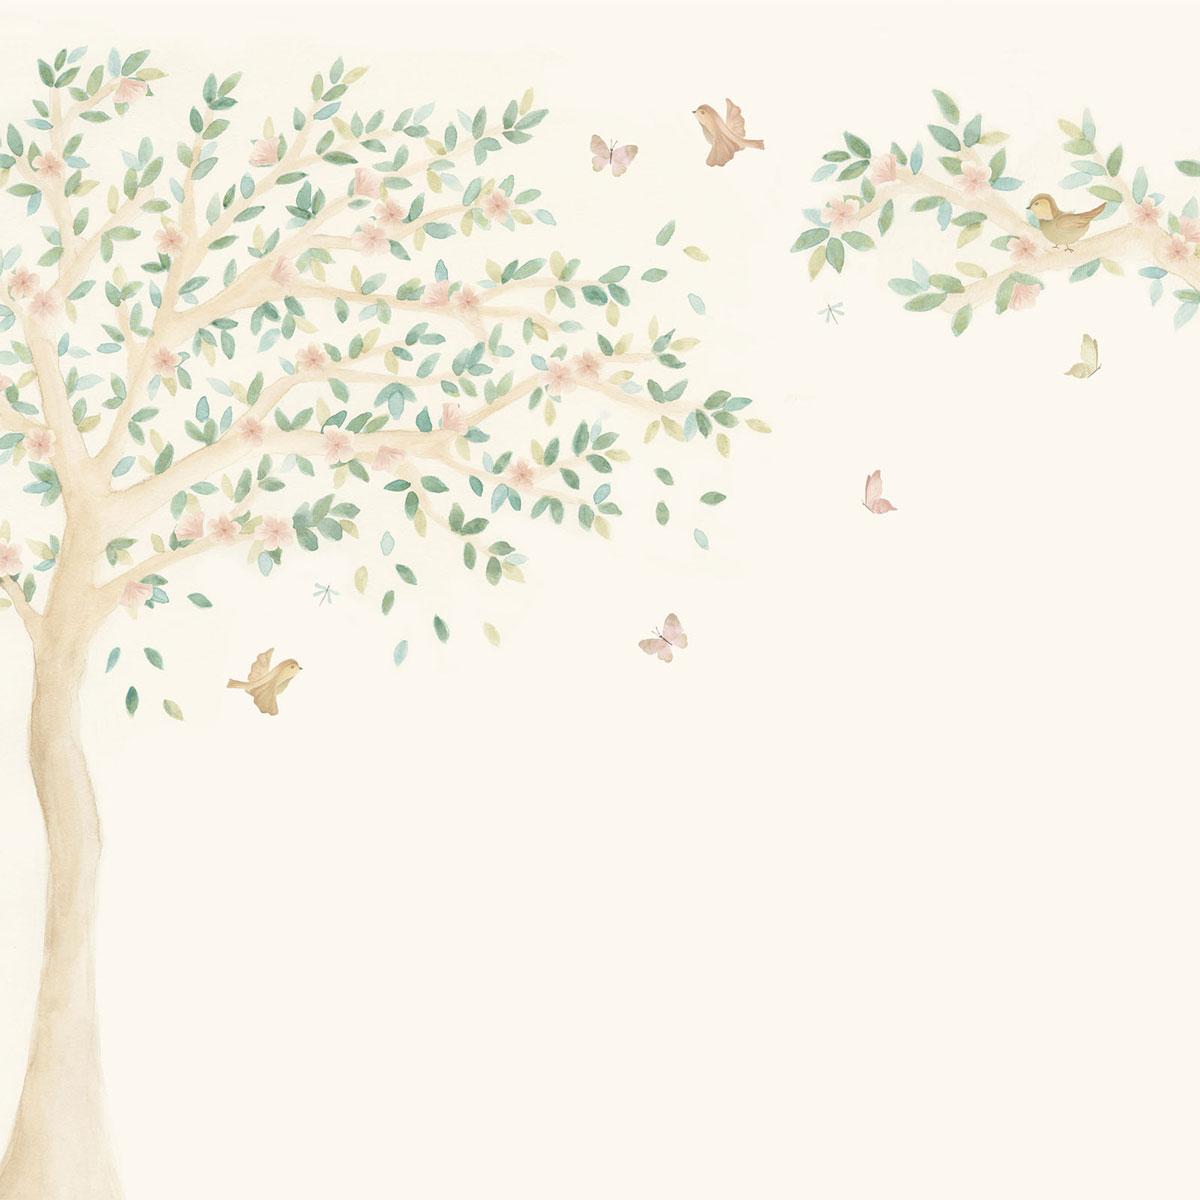 Painel árvore de cerejeira